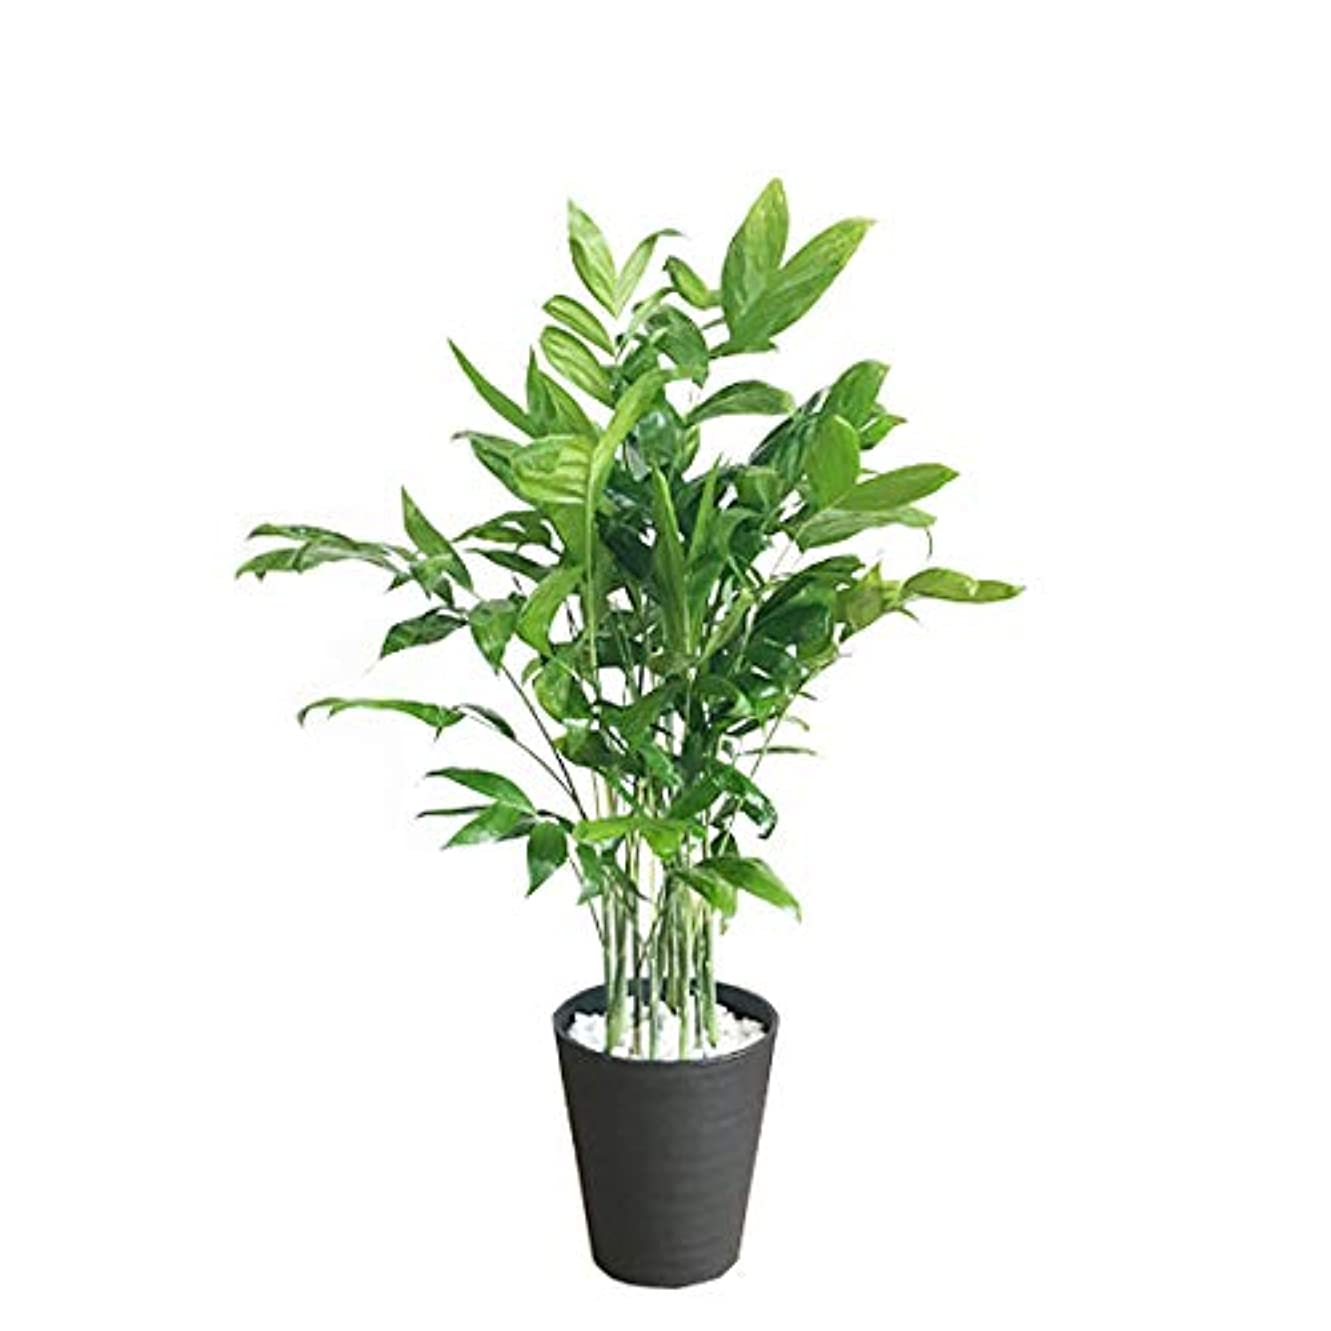 責任数学者仕事に行く高性チャメドレア 観葉植物 本物 ブラックセラアート鉢 ヤシの木 日陰や寒さに強い やしの木 インテリア